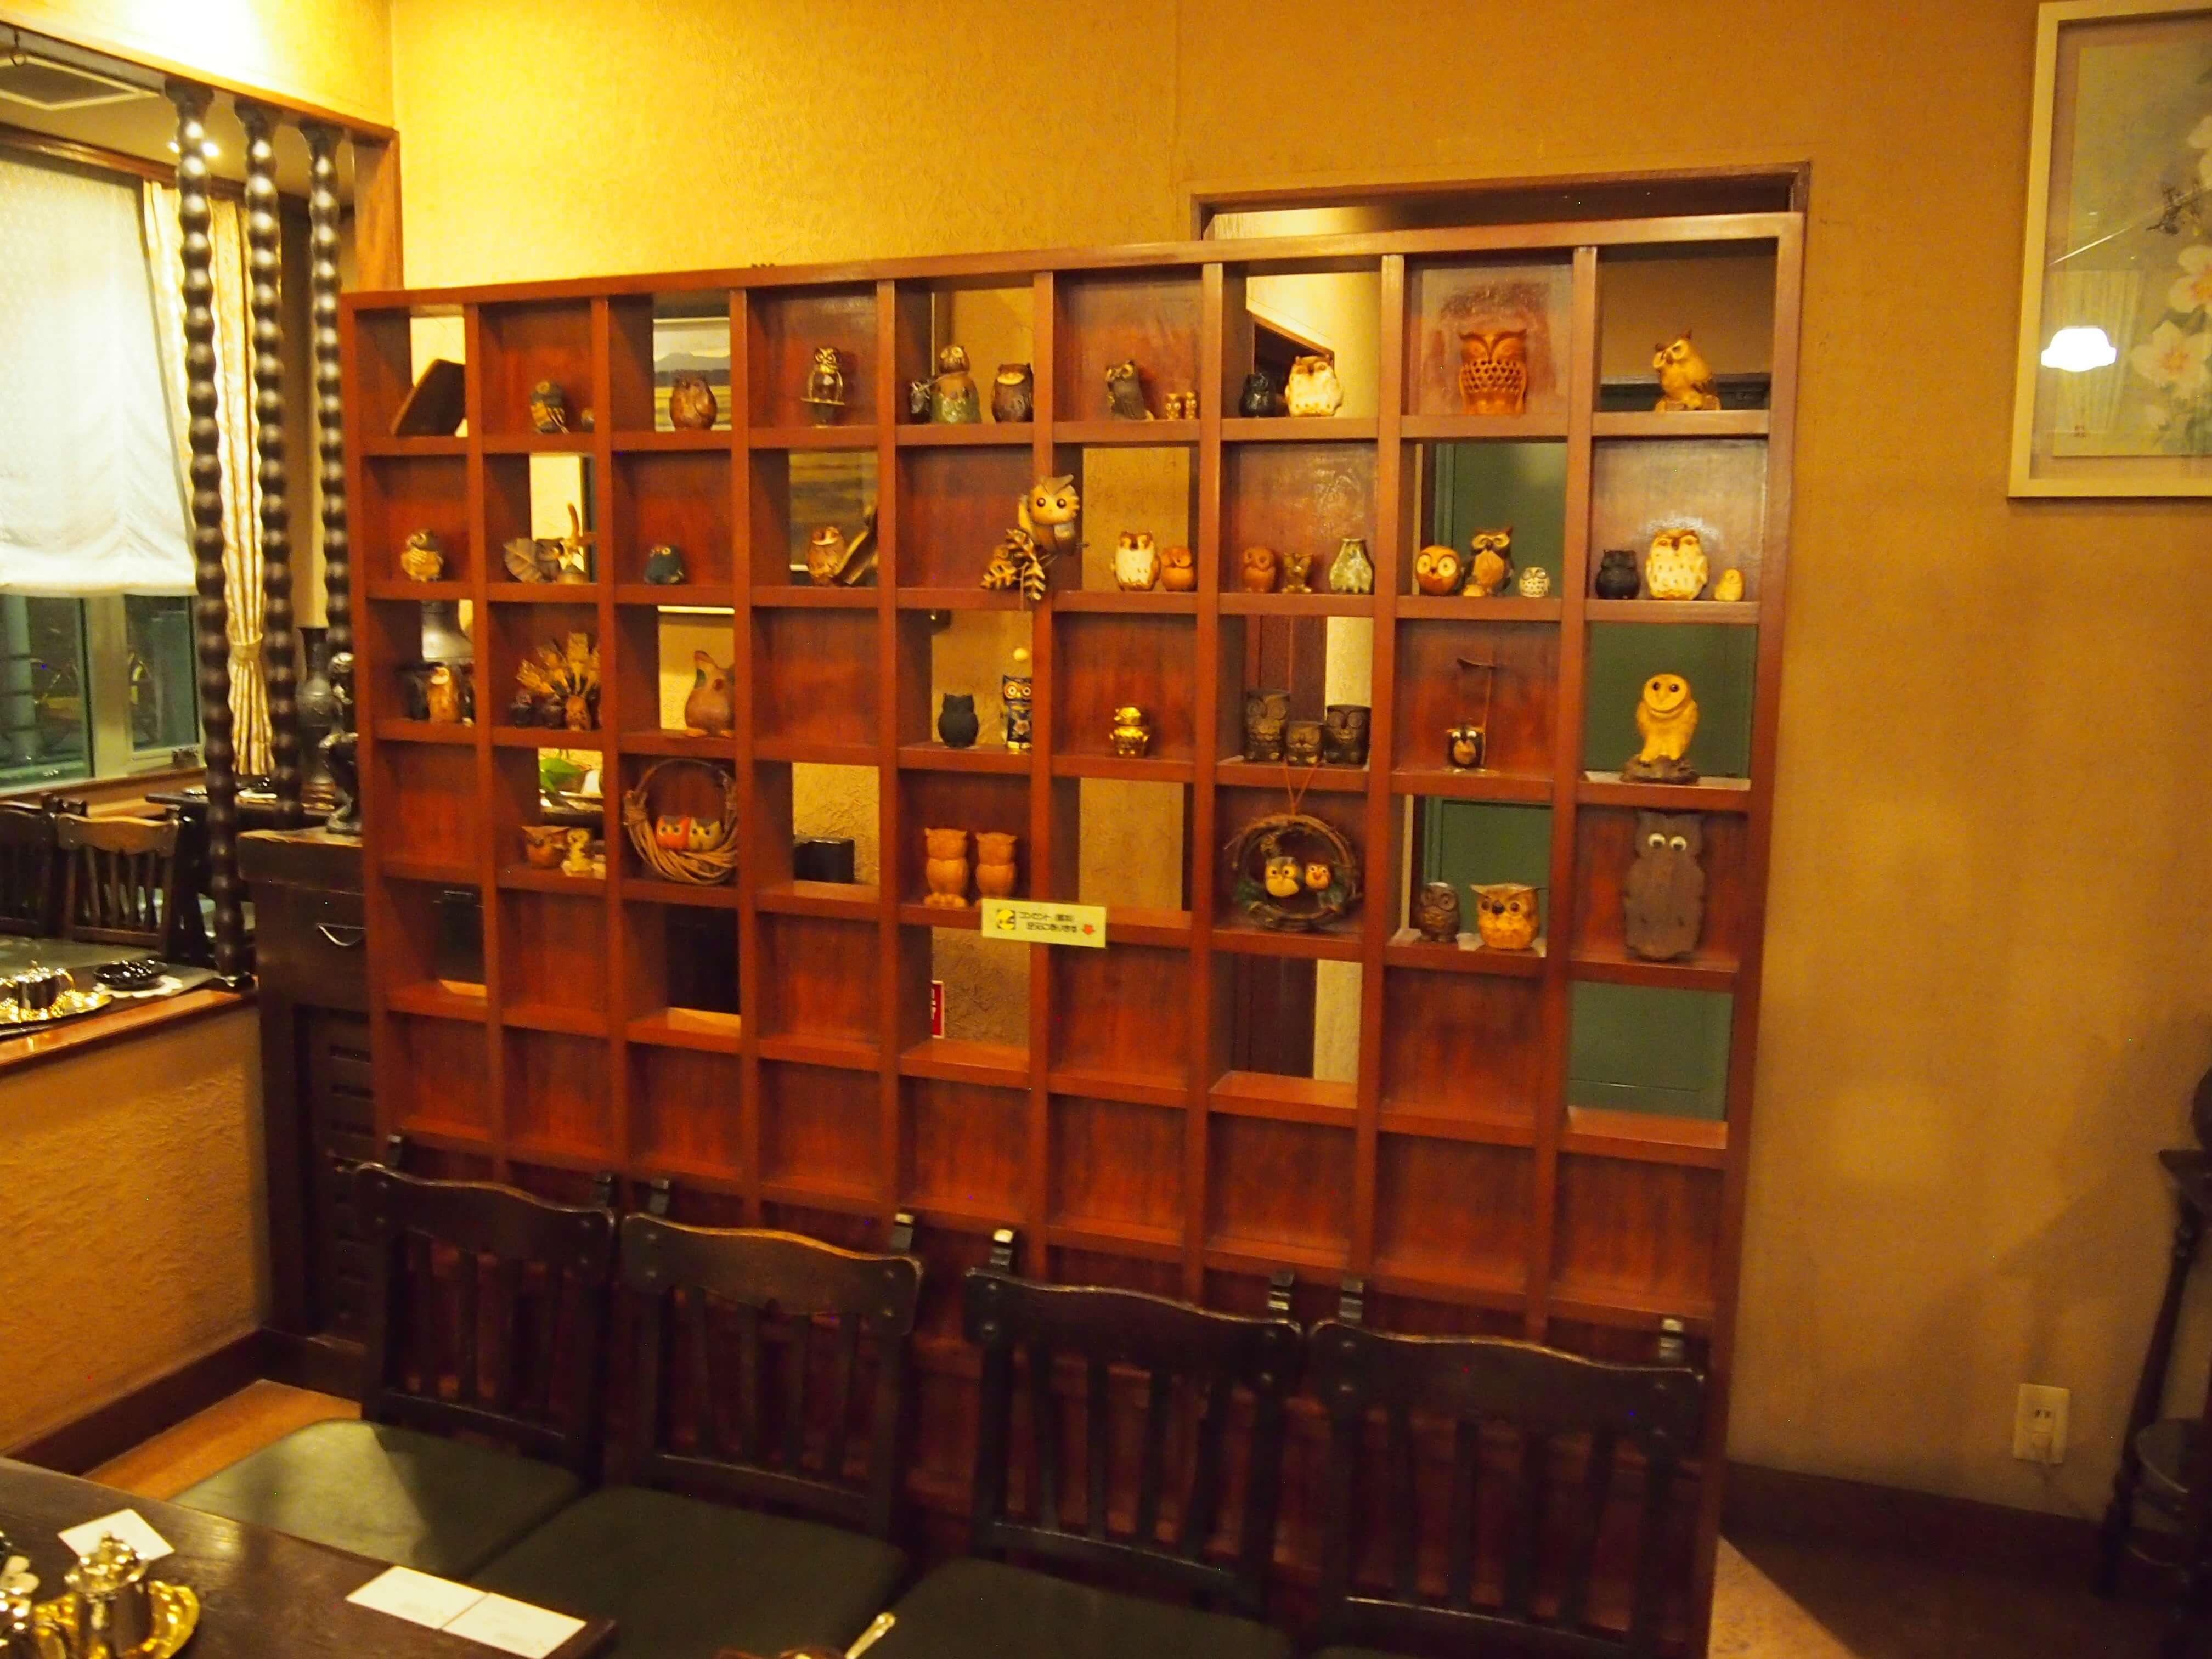 棚にいっぱい並んだ小物やアクセサリー類は、常連のお客さまから、旅行などのお土産としていただいたもの。「ボア」がどれほど愛されていたかがわかります。